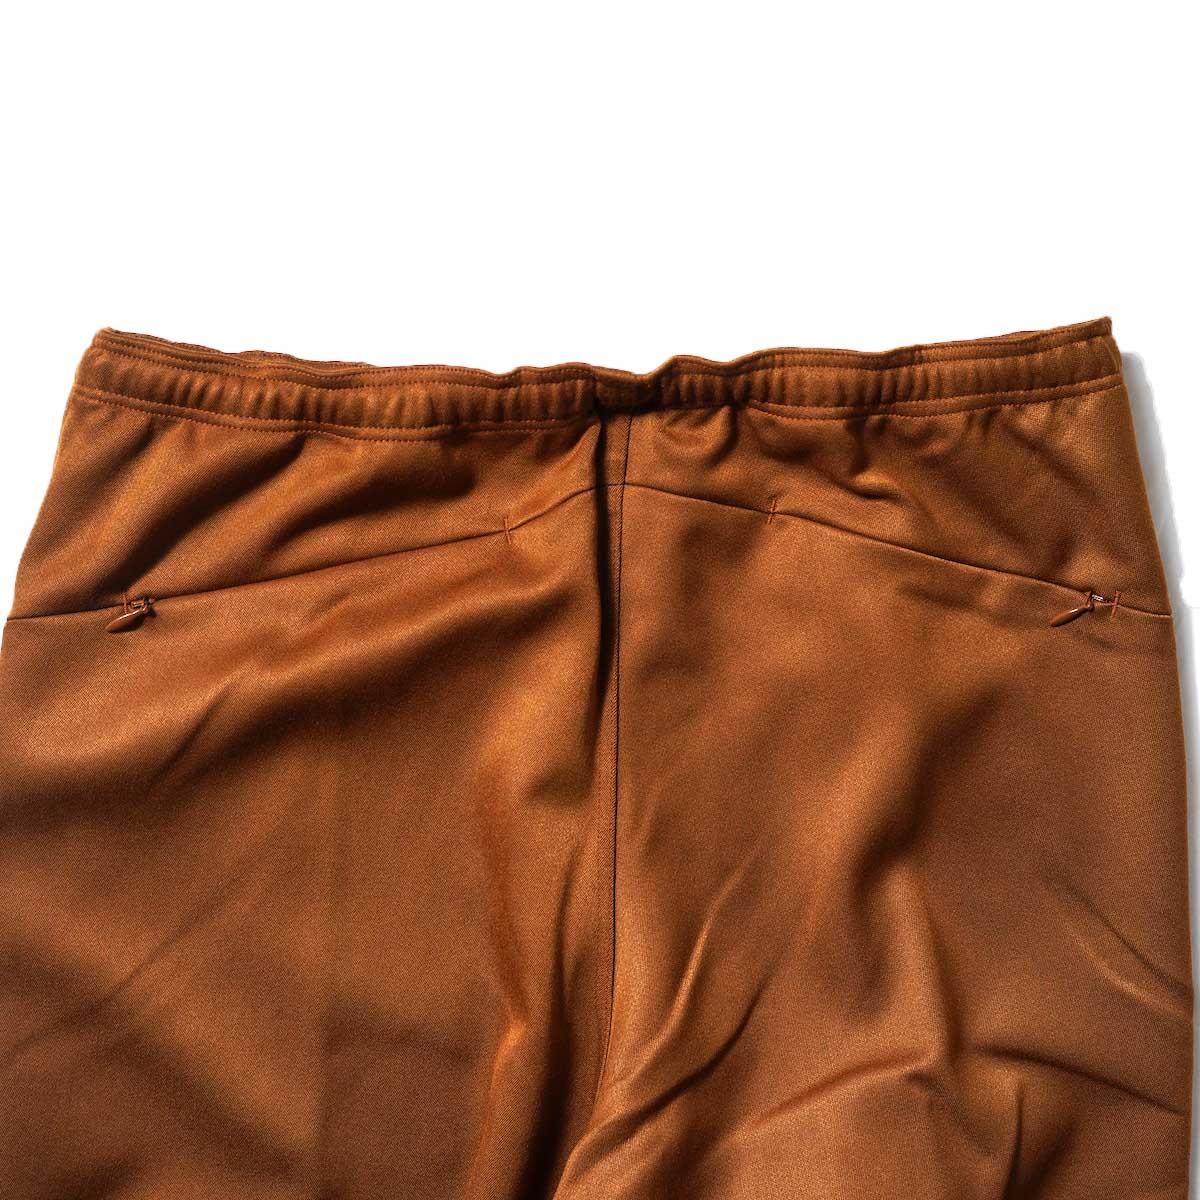 Needles / W.U. BOOT-CUT PANT - PE/R DOESKIN (Brown)ヒップポケット